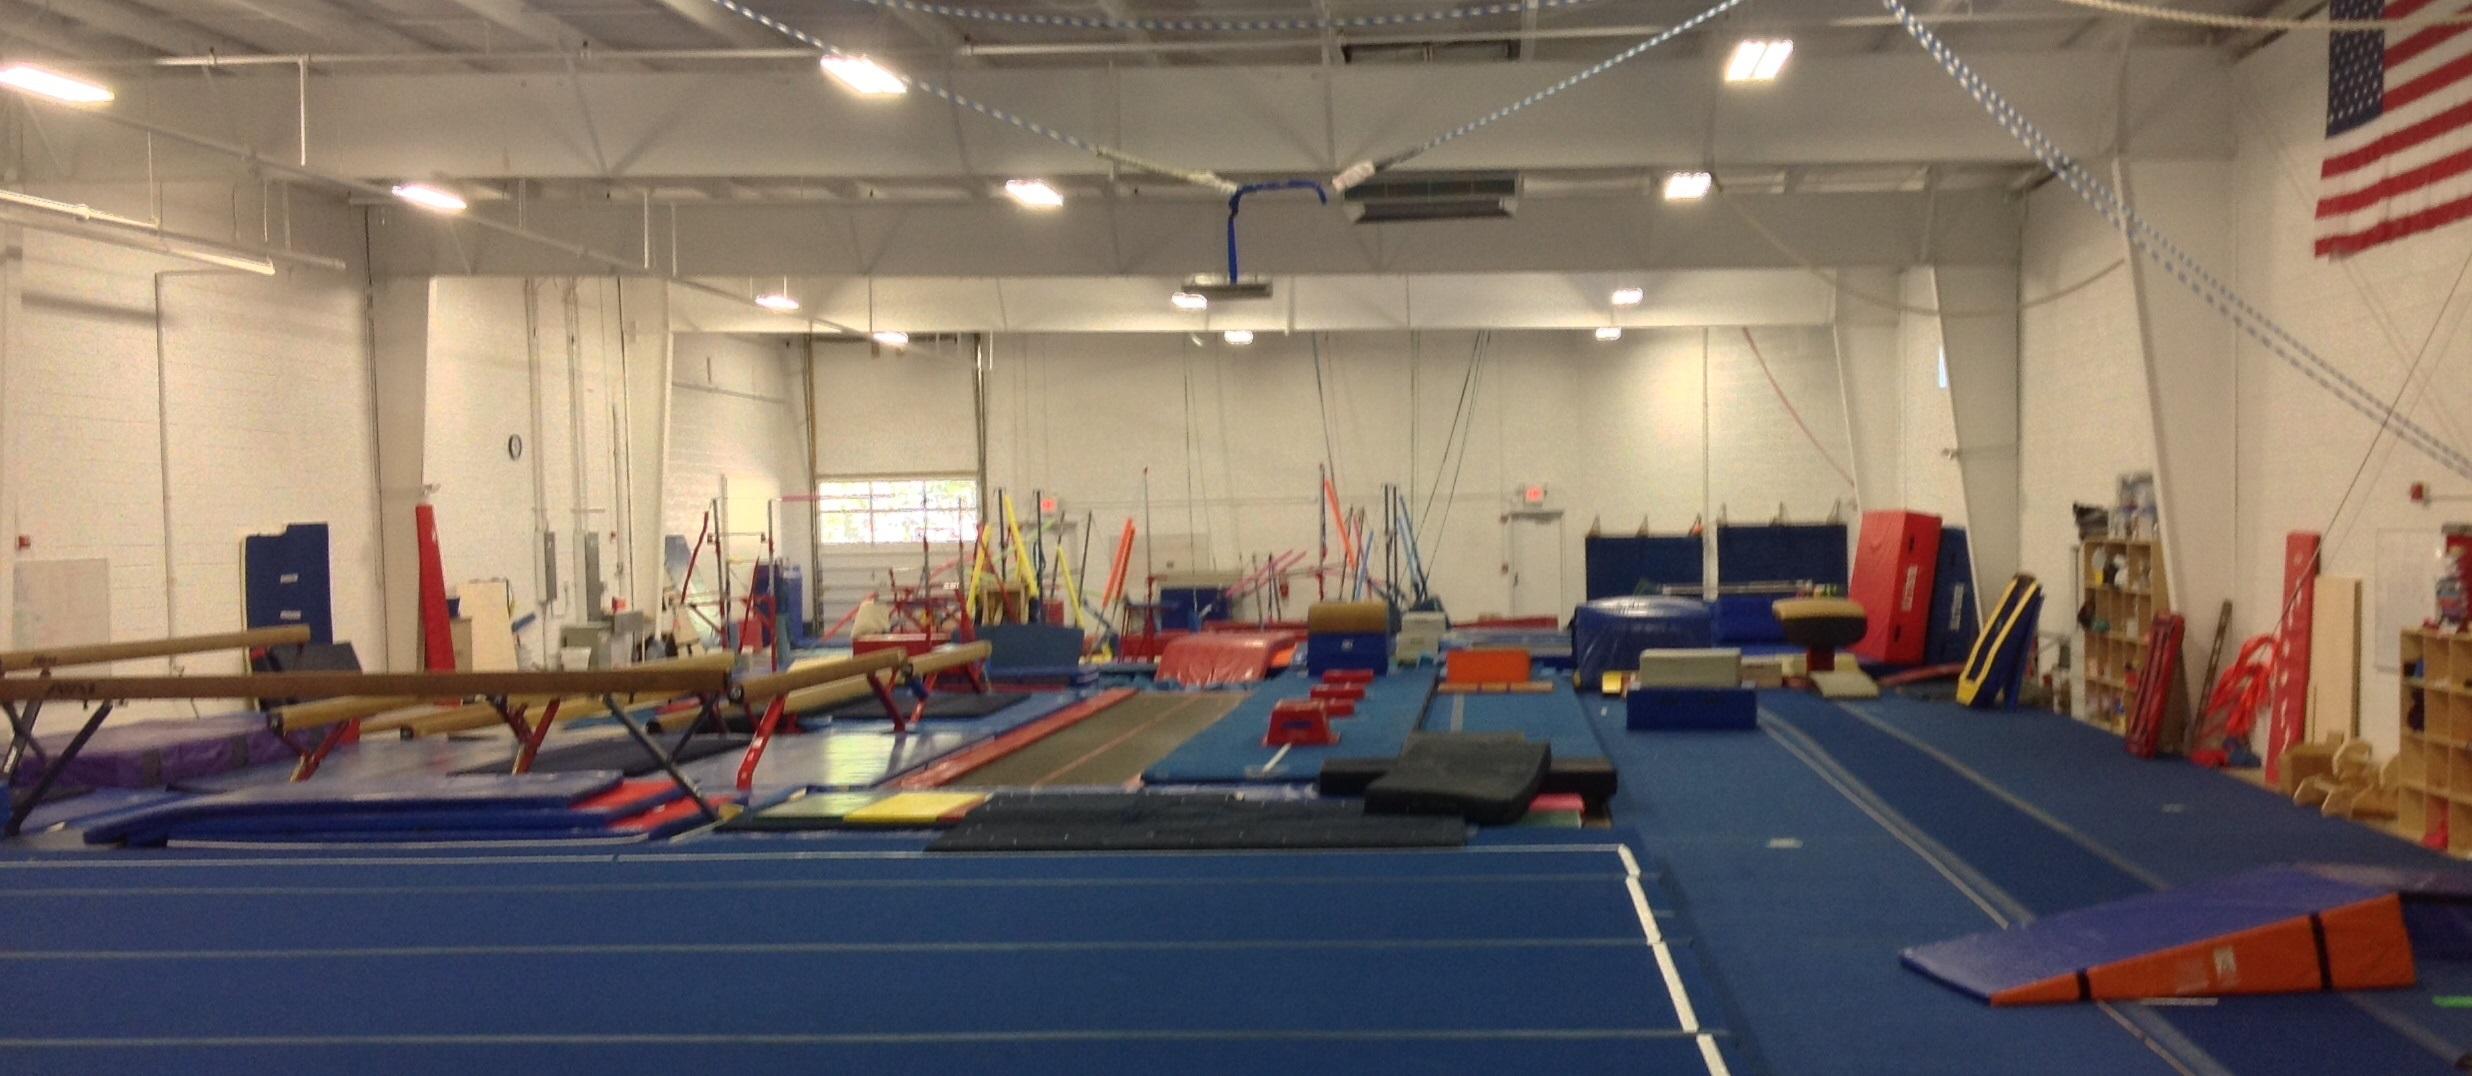 Winwin gymnastics - Winwin Gymnastics 1